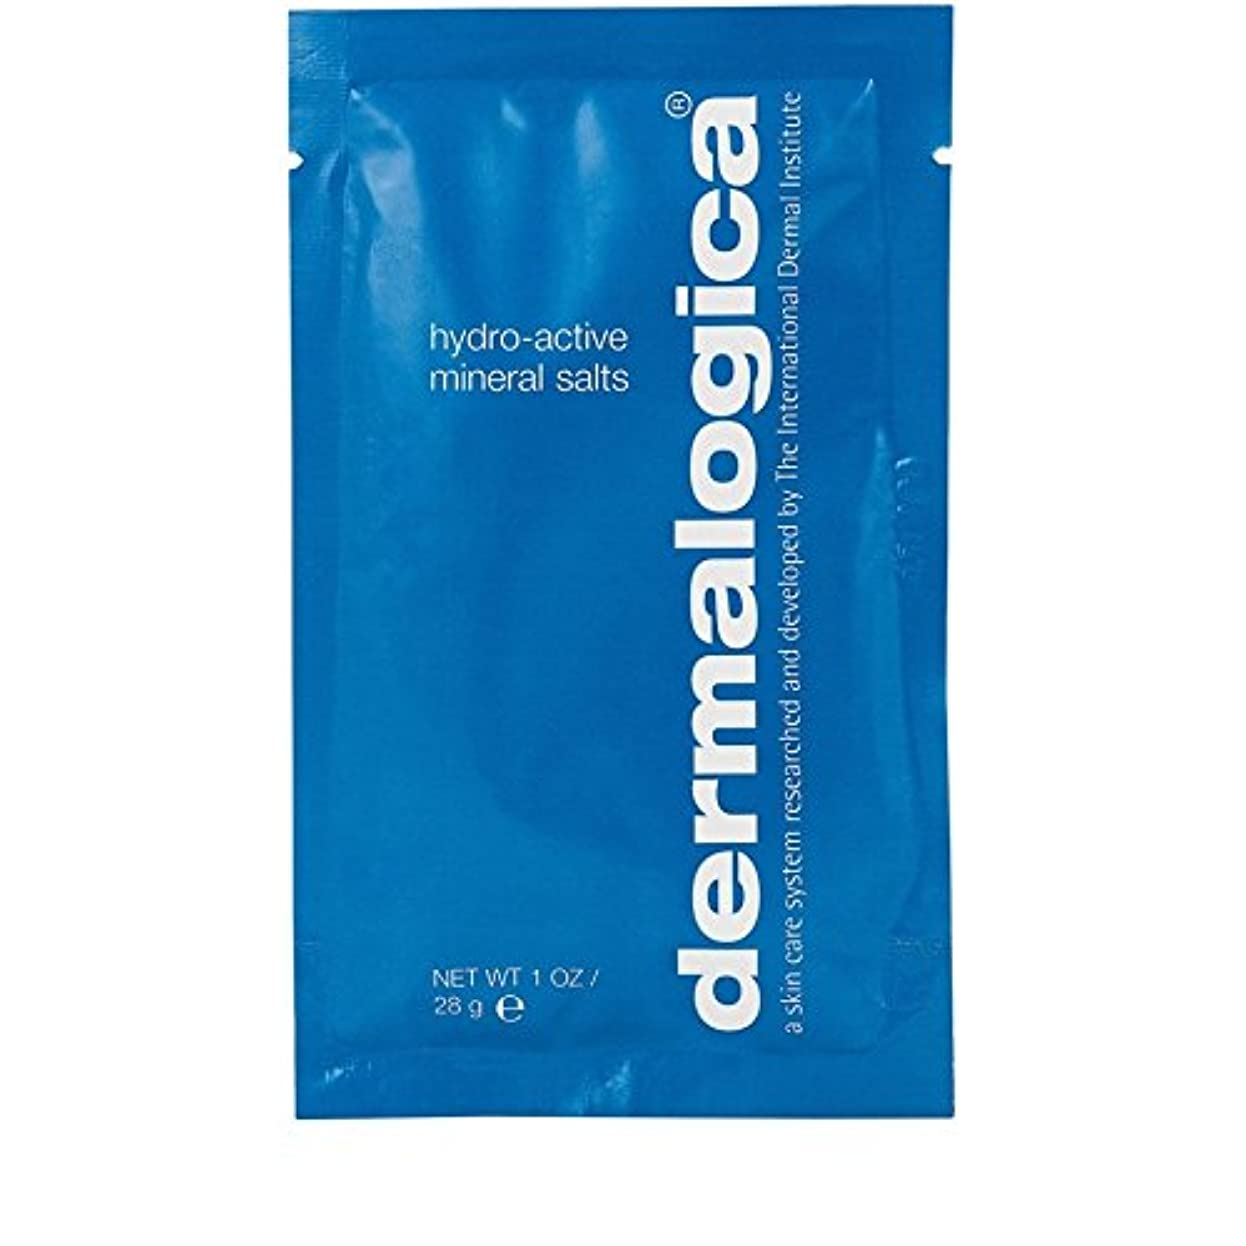 差し控える折り目円周ダーマロジカ水力アクティブミネラル塩28グラム x4 - Dermalogica Hydro Active Mineral Salt 28g (Pack of 4) [並行輸入品]